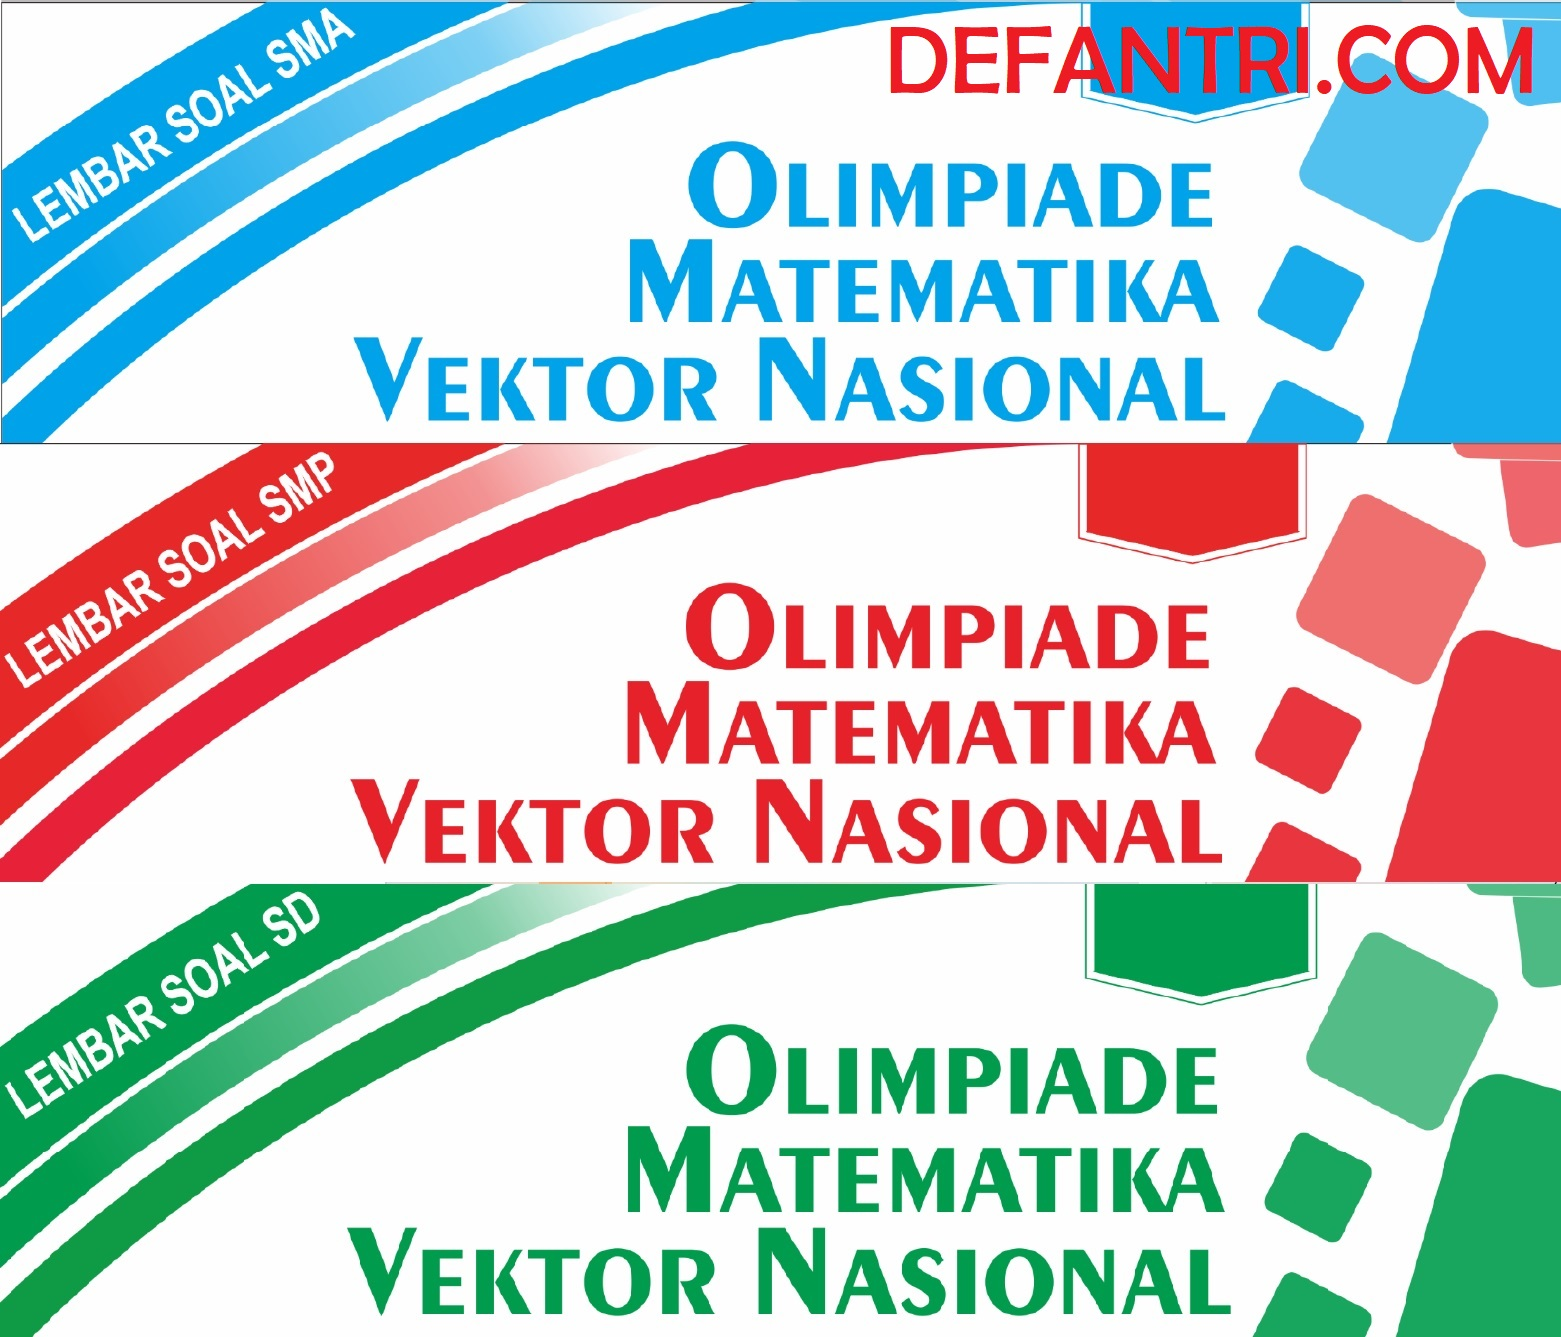 Kumpulan Soal Kompetisi Matematika Vektor Nasional (OMVN) Untuk SD, SMP dan SMA